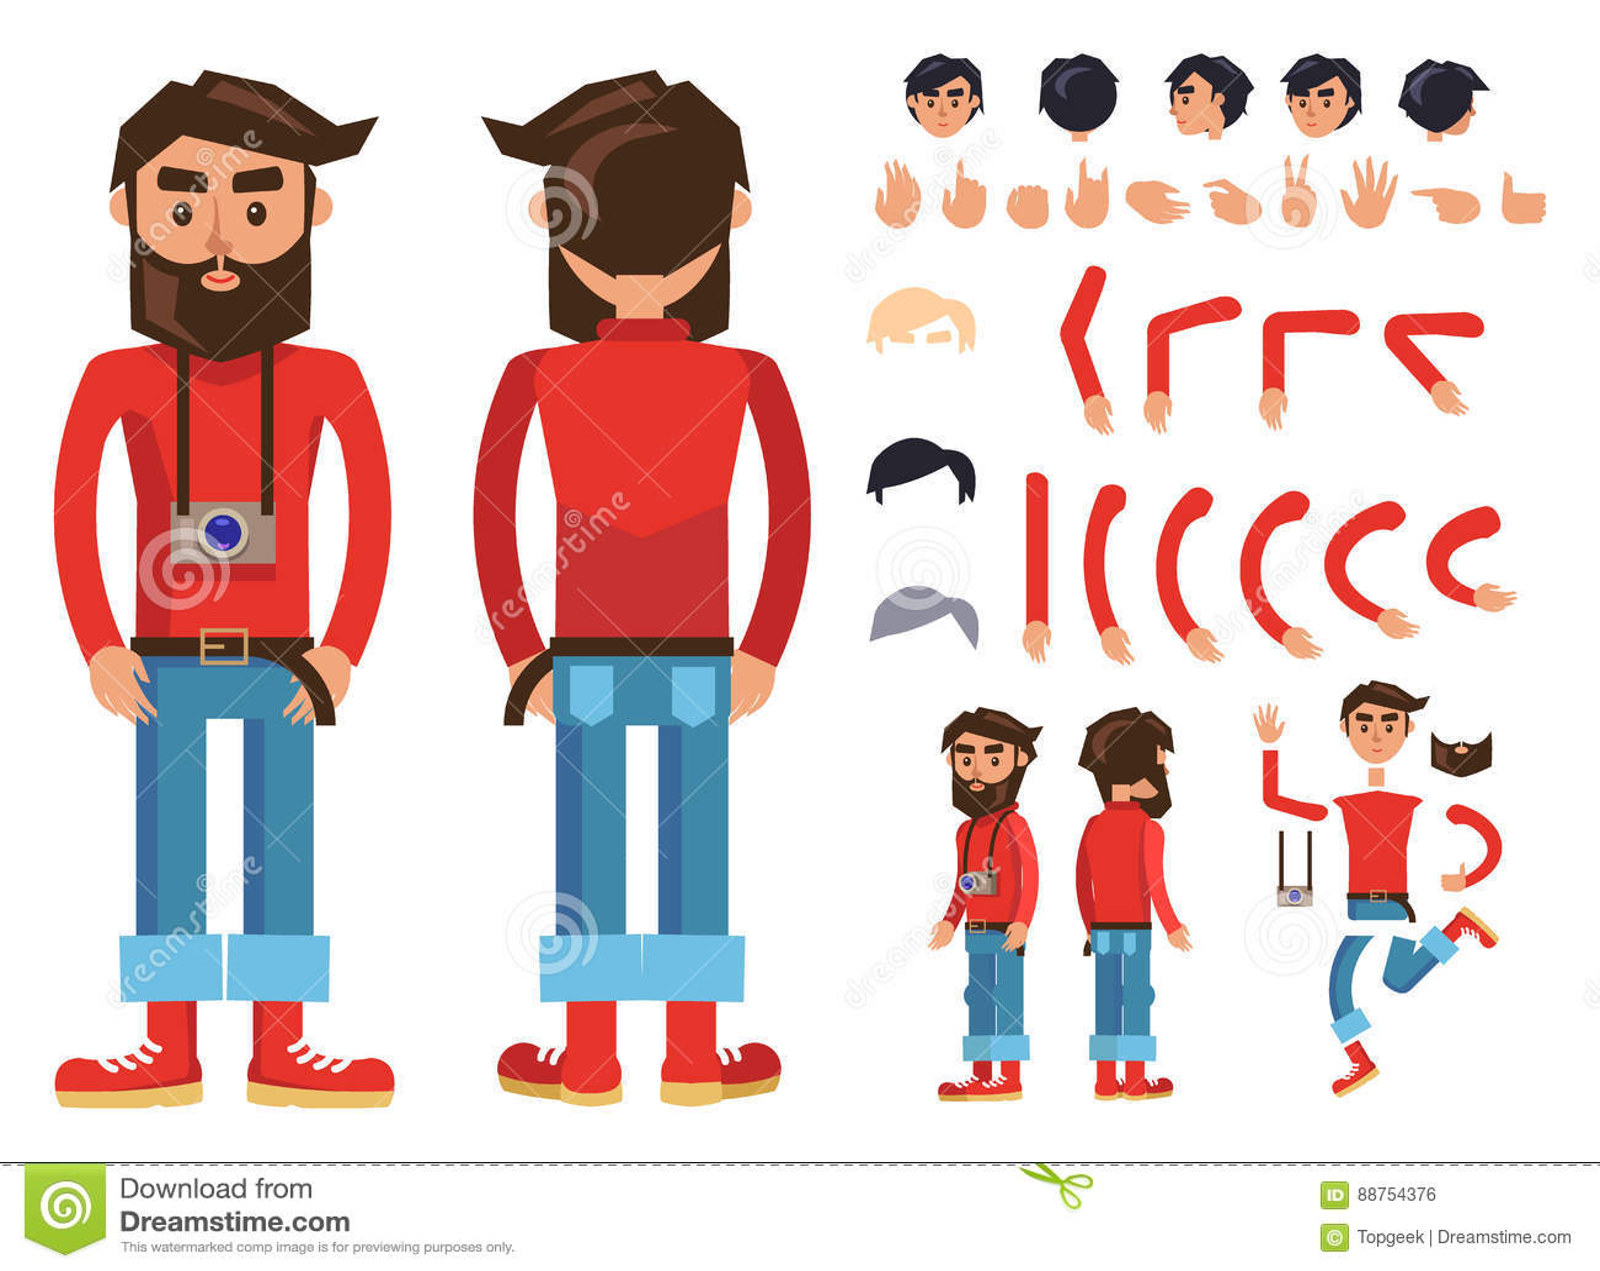 Διανυσματικός κατασκευαστής χαρακτήρα ατόμων Hipster κινούμενων σχεδίων